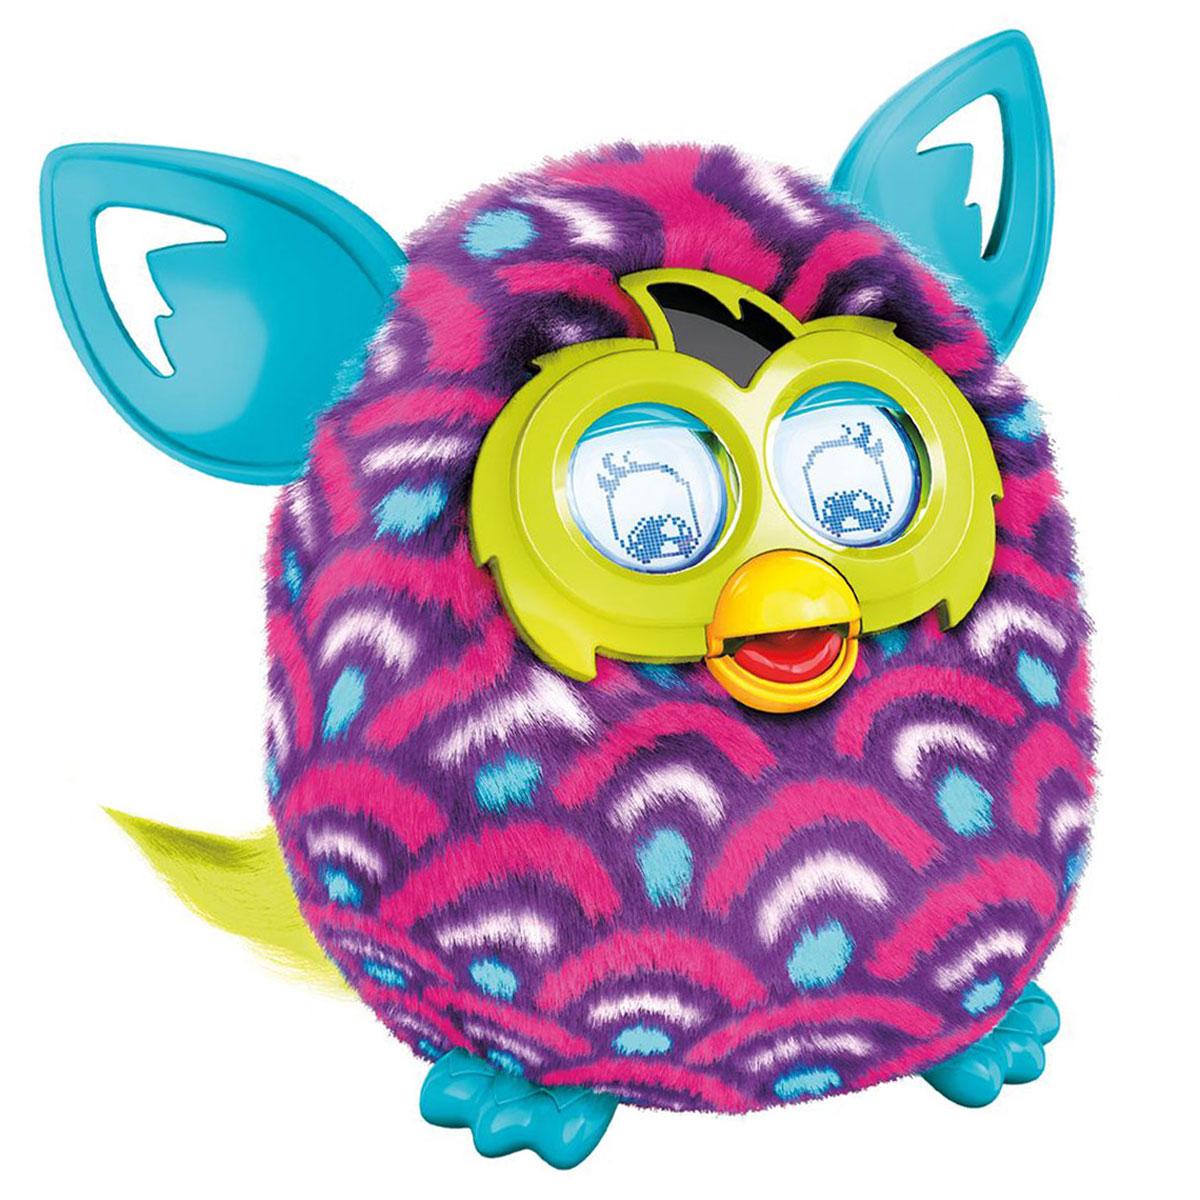 Furby (Ը���) Boom ������������� ������� ��������� ����� (������� ���������) - Furby (�����)A6847_A4343_SolidFurby (Ը���) - ��� ���������� ������������� �������, ������� ������ �������� �������� � ������, ��� ��� �����, ��� � ��� ��������. ������������� �������� ������� ������� ����������� �� ��������� �������. ������������� ������� �� ����� Ը��� � ������� �����. � Ը��� ������� �������� ����, ��������� ��������� � �����������, � ����� ������������ ����� ���� ������������� ��-������� � ���������� � ������������� ������. ��� ��������� ������� ���������� ����������� �������, ��������� � ��������� ����������� �� �����. �������������� � Ը���, ������������ ��� ����� � ����, ��� �� ����� � �������, ��� ����� Ը��� ��� ��������. ����� �� ����� �� ��� ����������, ��������� ��� ������� ����. ������� Ը��� � ������� ������, �������� ��� � ������� Ը���, �������, ��������������, �������, ��������� ��� ���� ������, ������� ���, ���������������, ������� � �������� ������� ��� ������ �� �����. ����� Ը��� ������, �������� � ����������� ��� ����� � ������� 10...